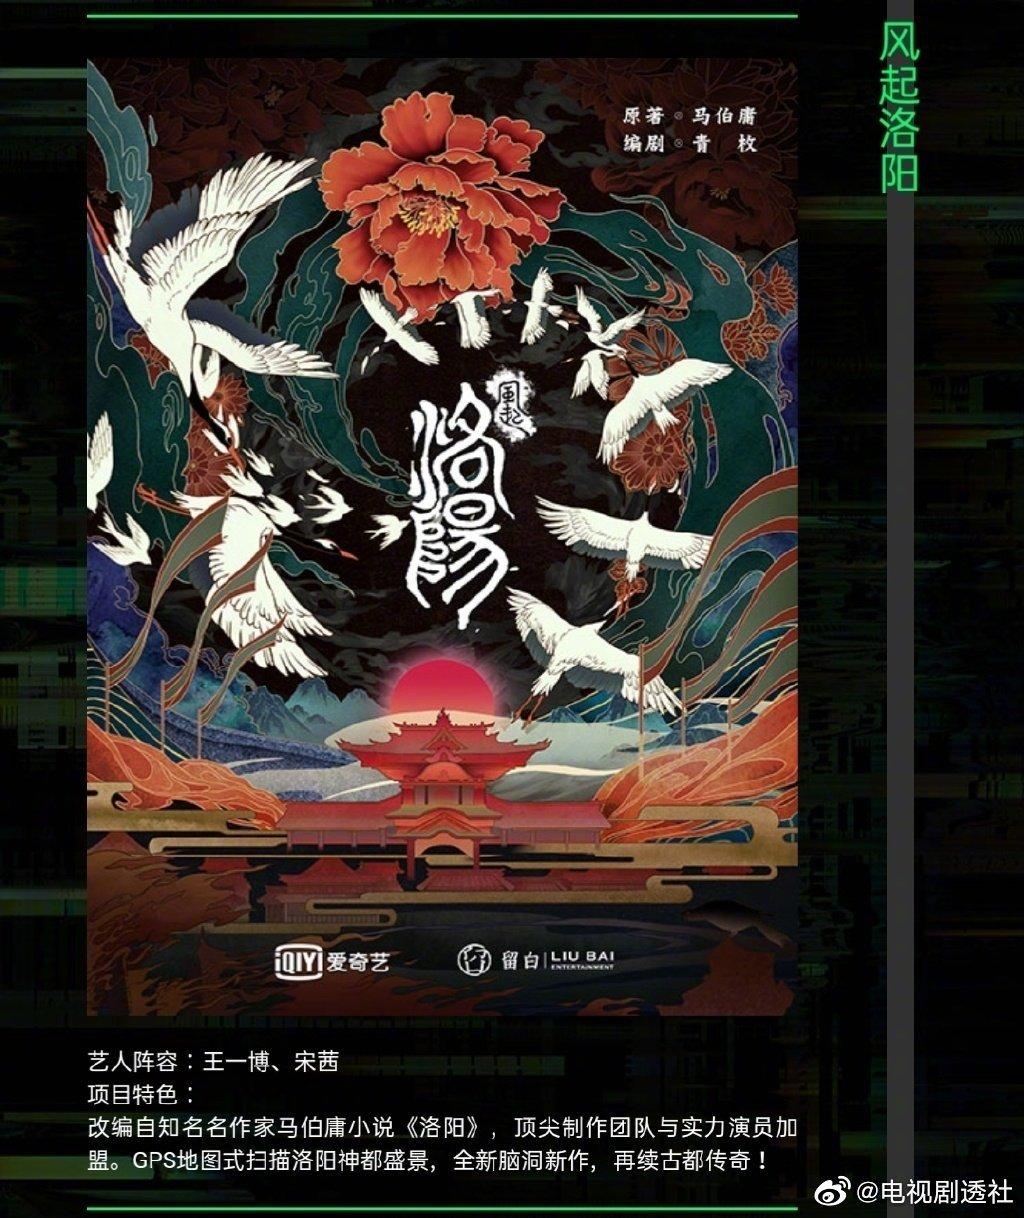 继《长安十二时辰》之后,马伯庸聚焦中国的另一座十三朝古都洛阳